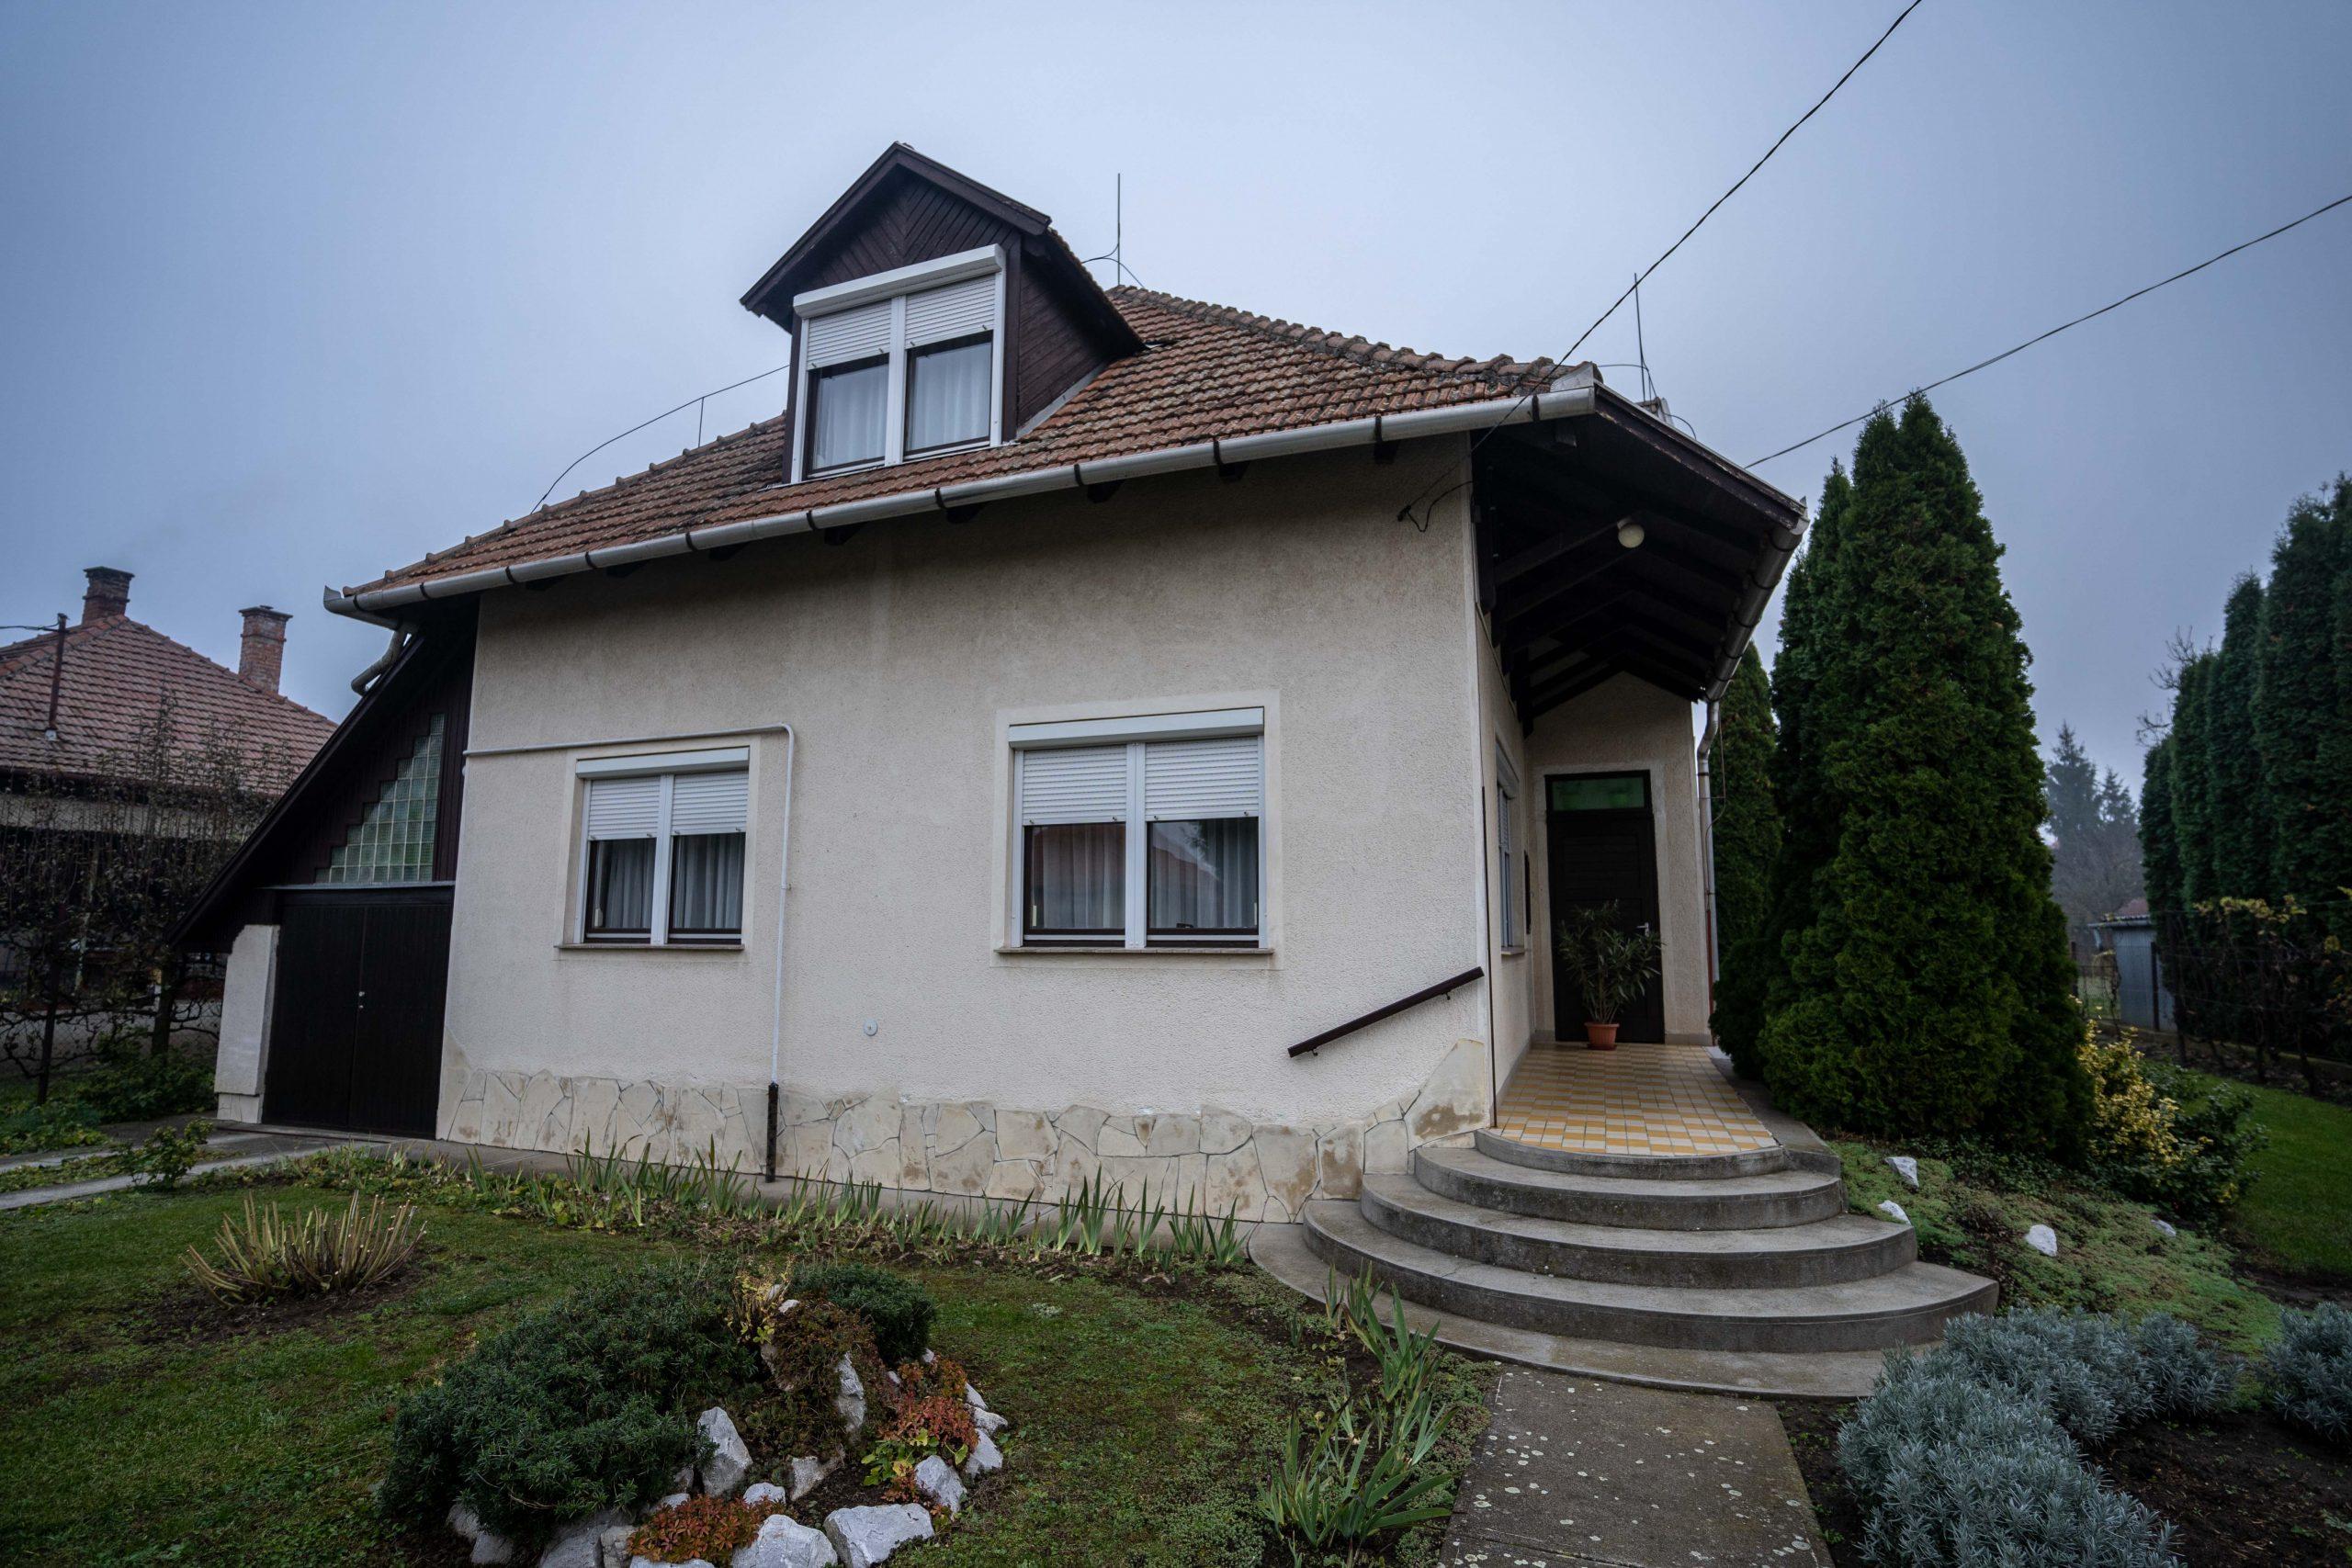 Dupla komfortos, jó állapotú, tégla építésű családi ház